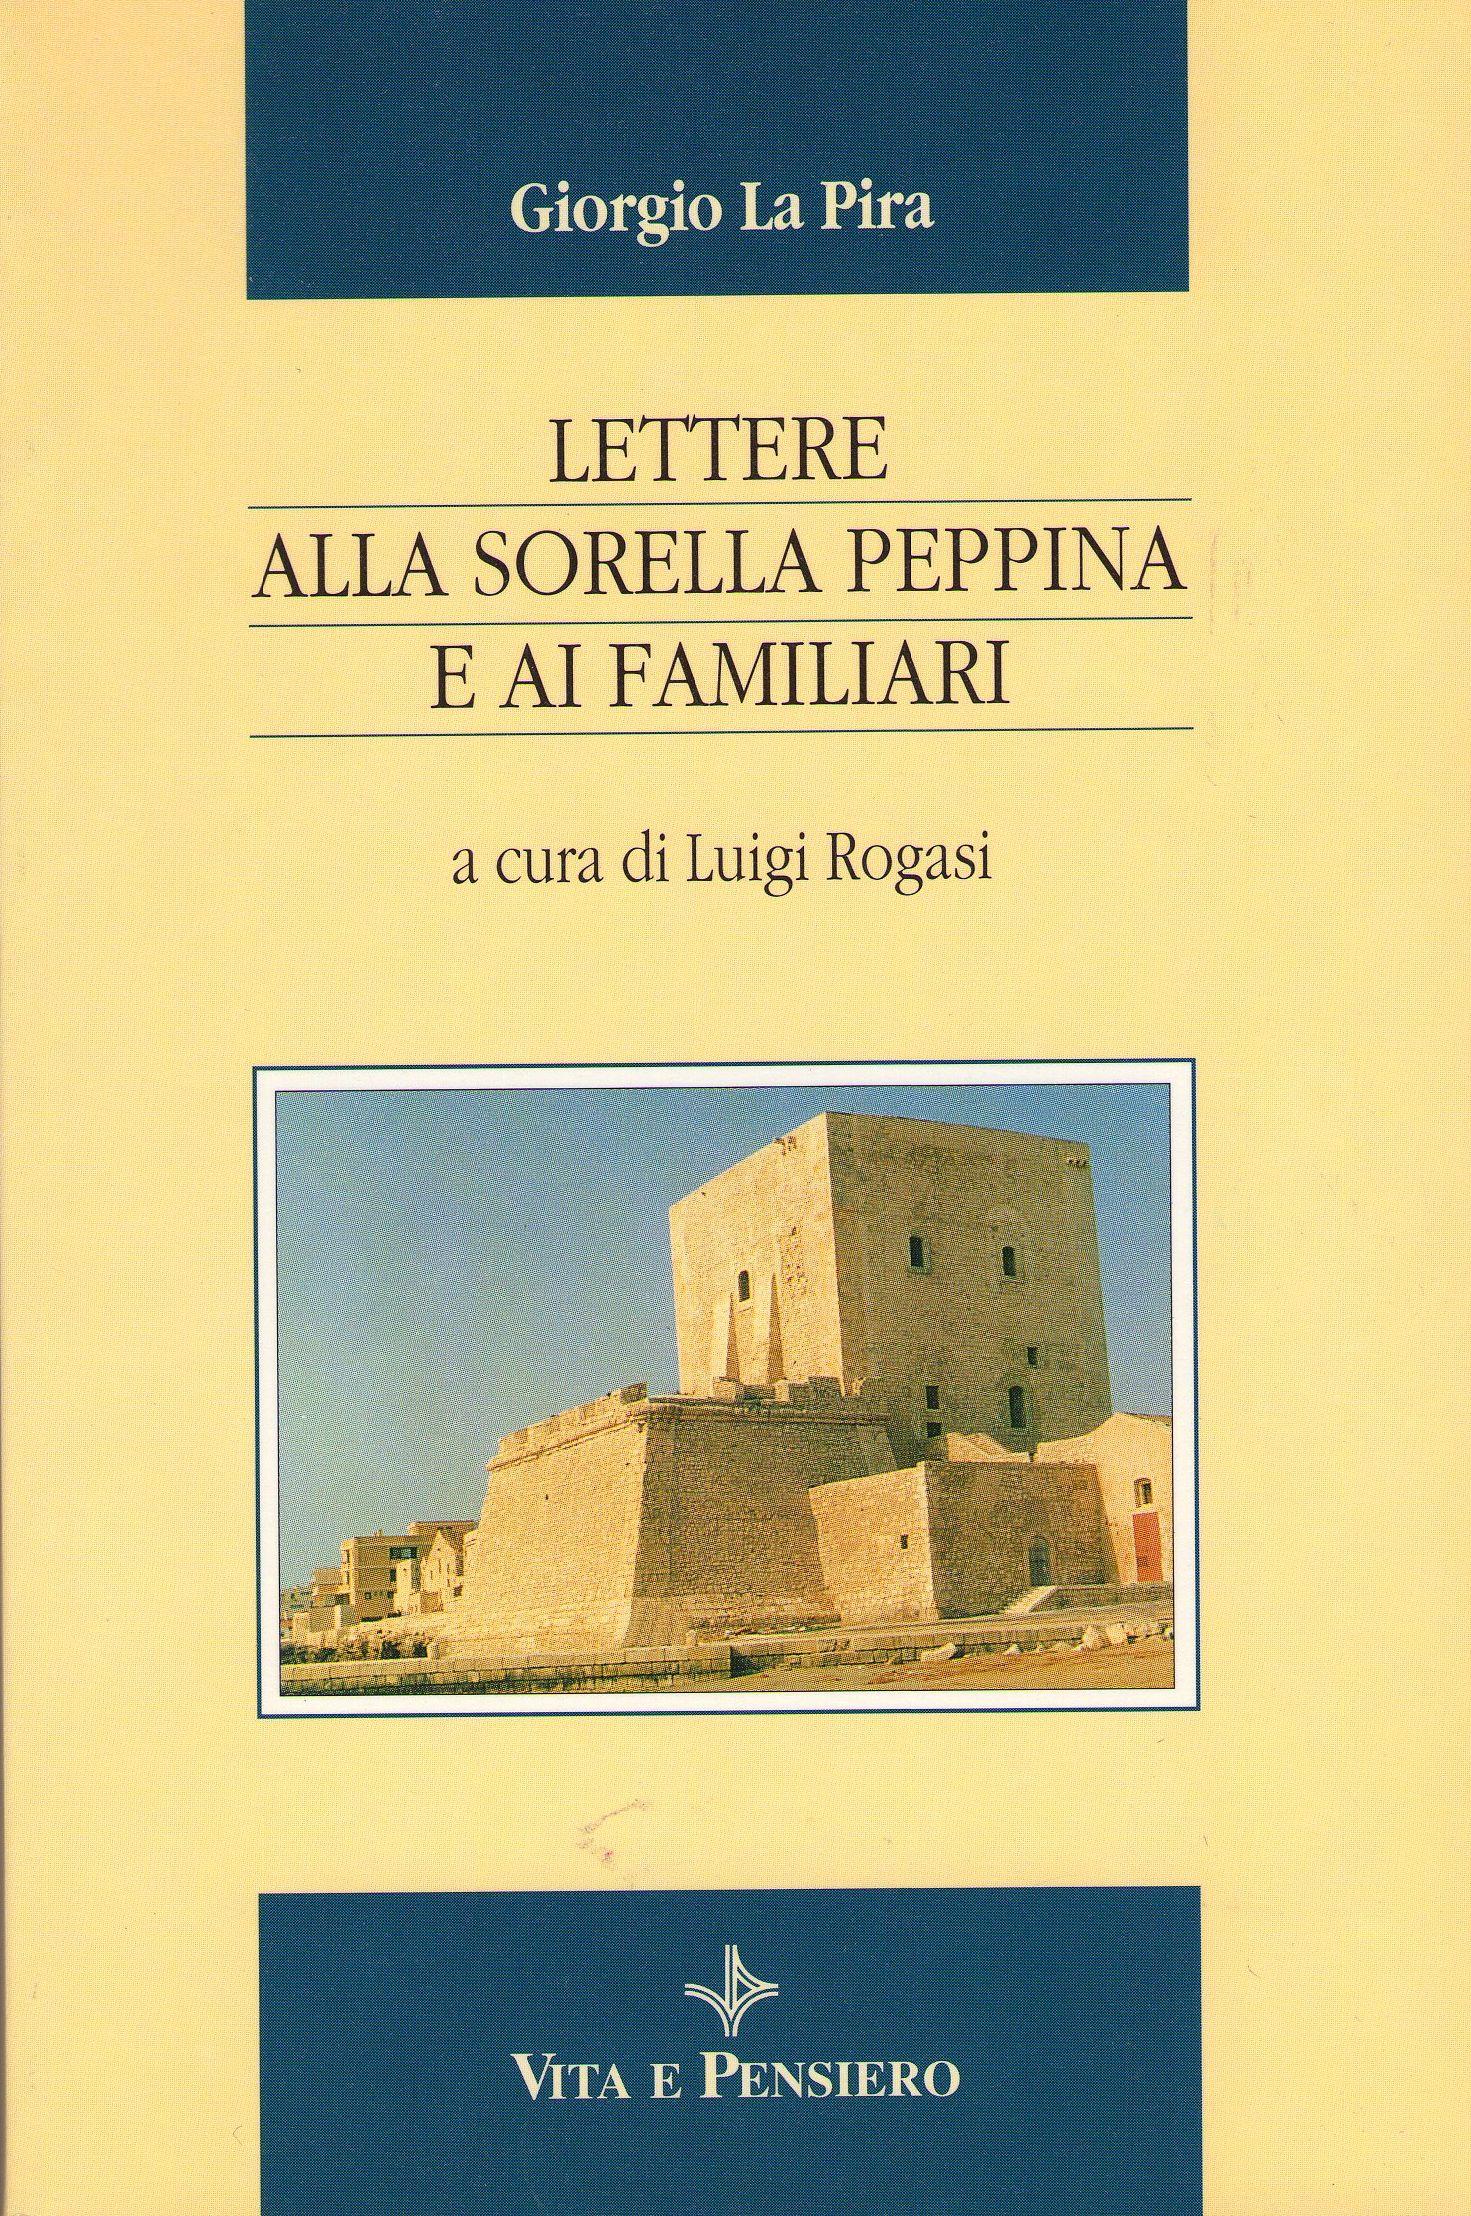 Lettere alla sorella Peppina e ai familiari